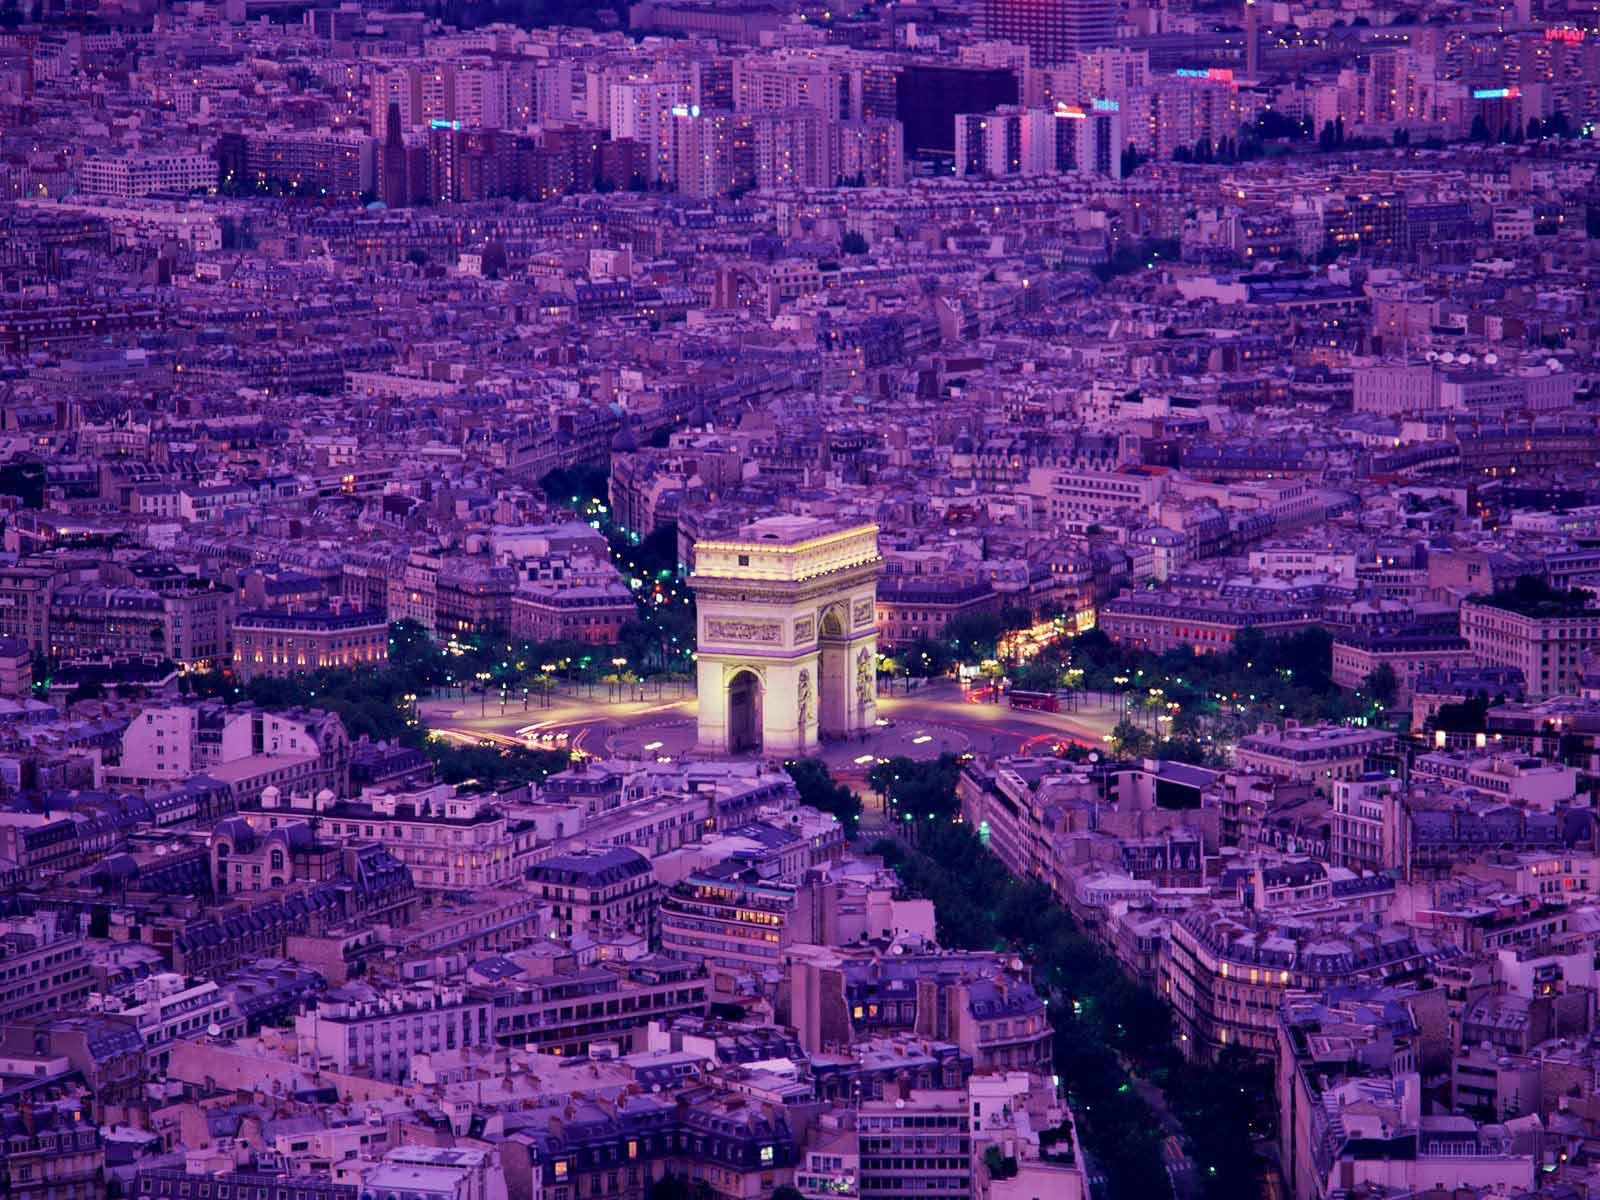 Paris, France♥ - France Wallpaper (31746220) - Fanpop: www.fanpop.com/clubs/france/images/31746220/title/paris-wallpaper